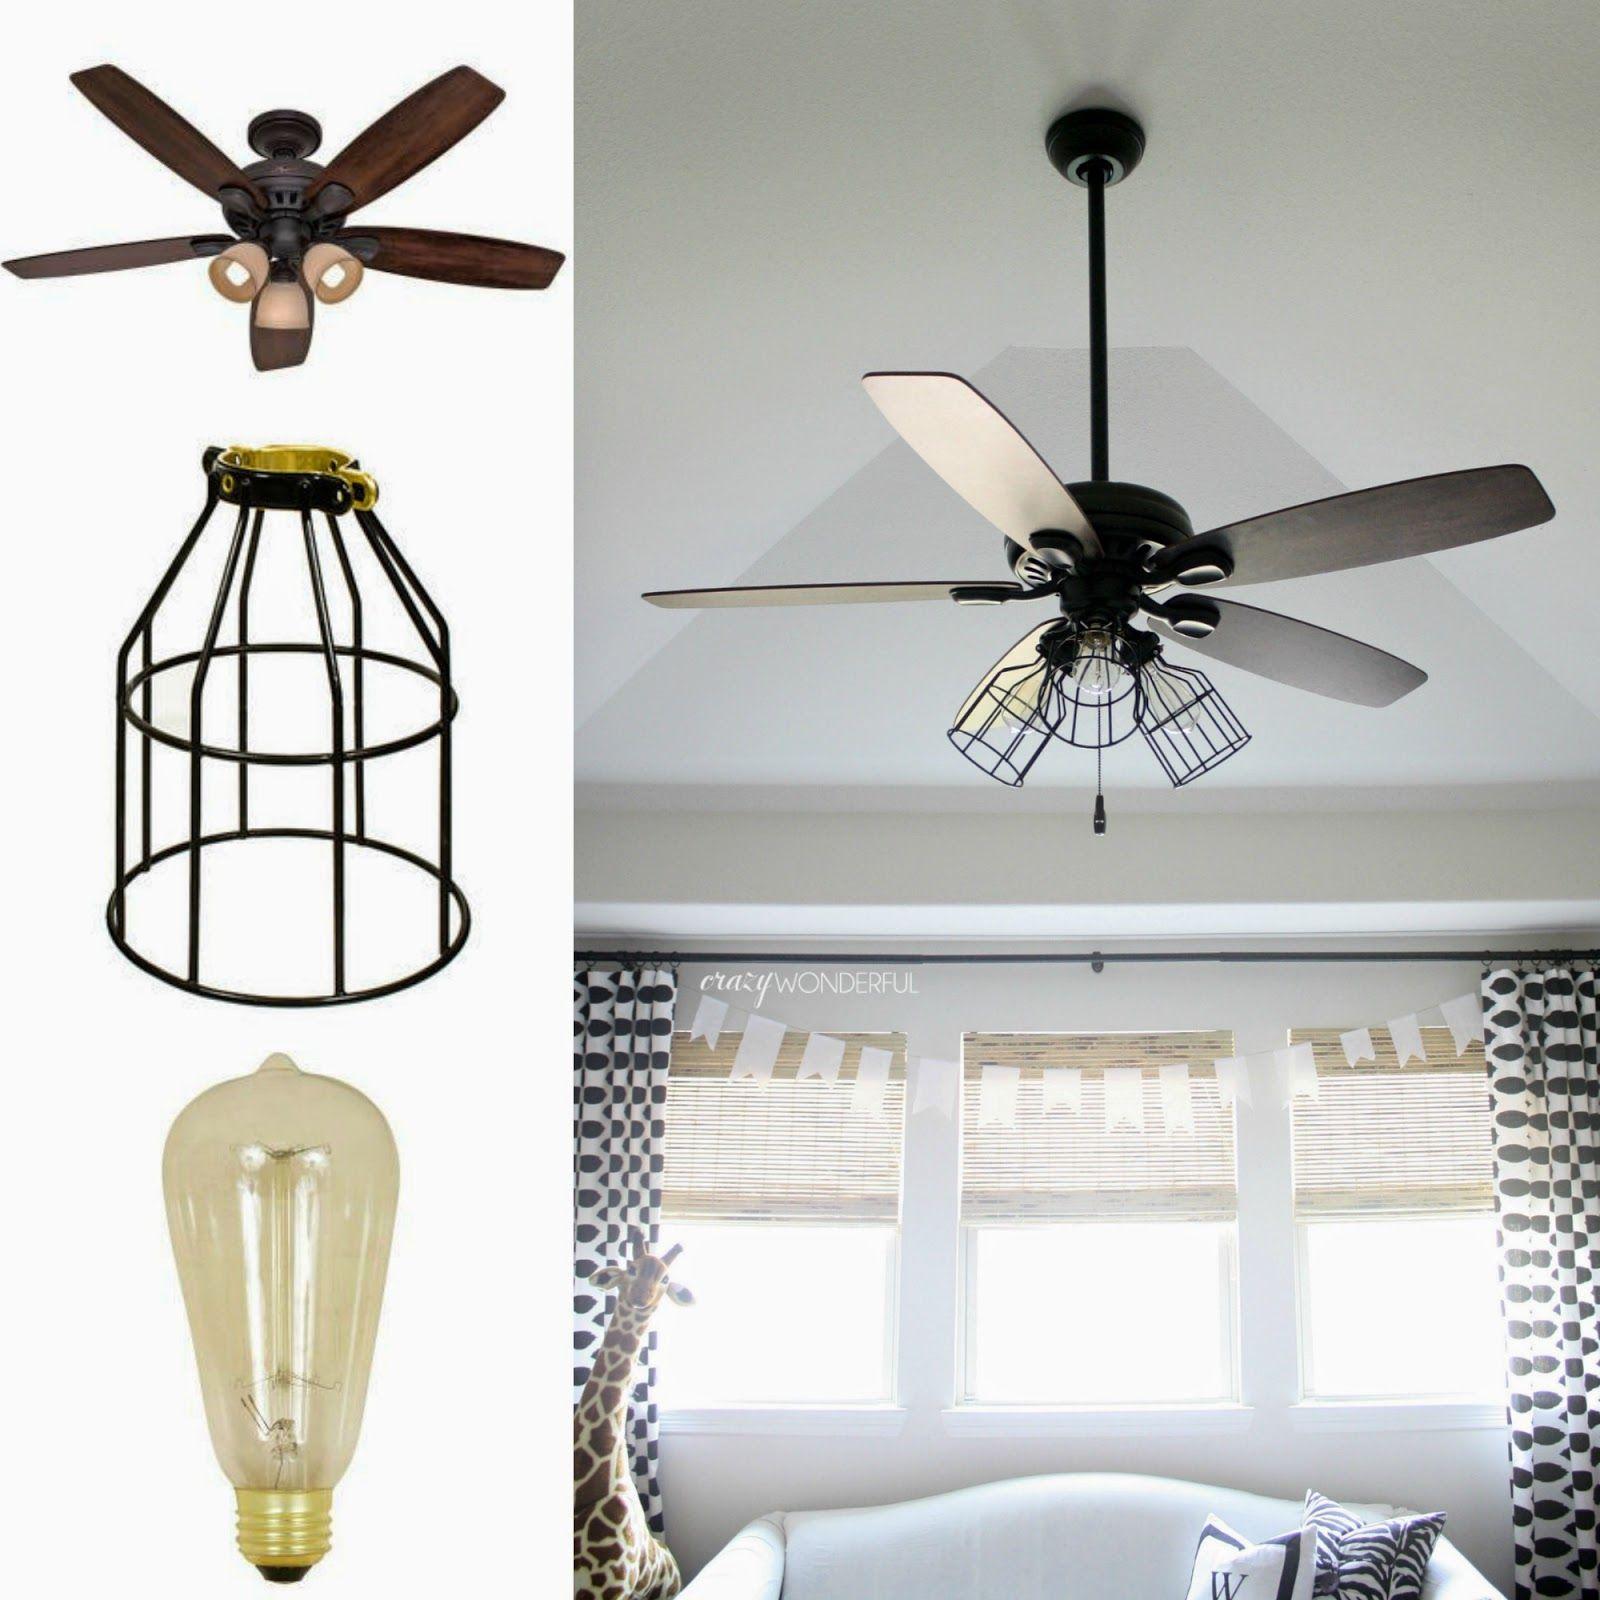 ceiling fans for kitchen designer wall tiles crazy wonderful diy cage light fan